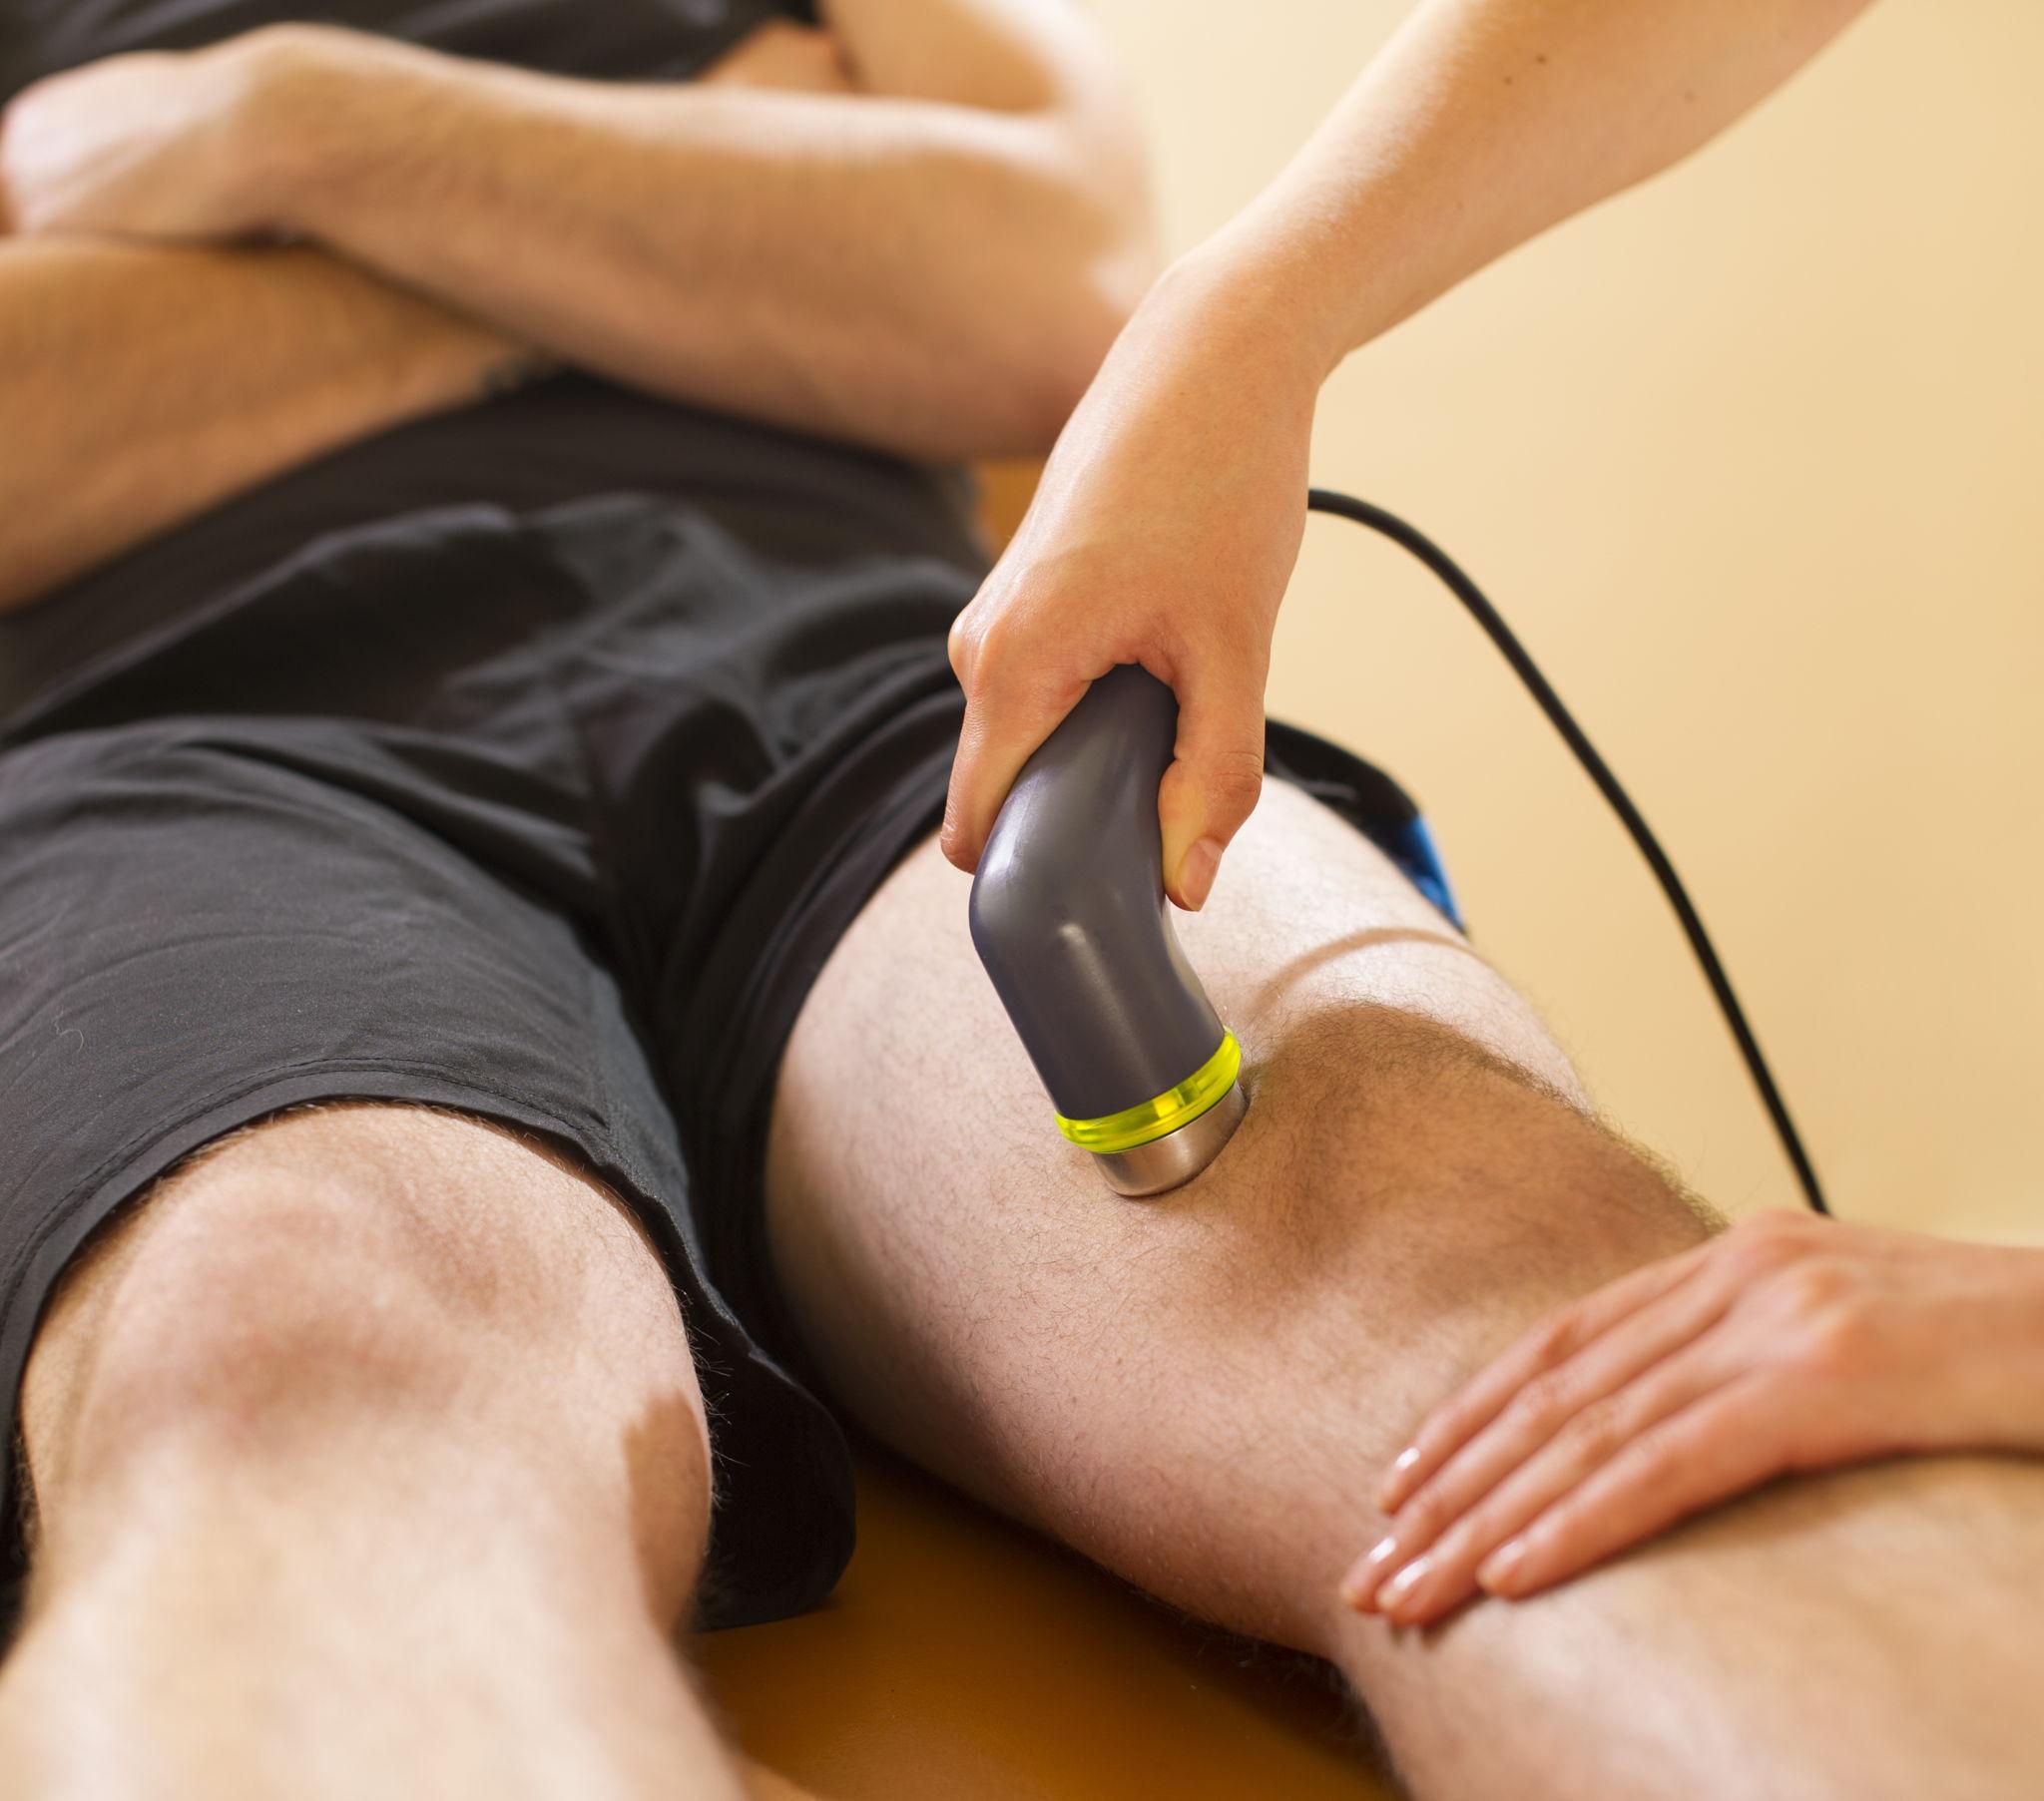 Un paziente durante una terapia a ultrasuoni a contatto diretto al ginocchio